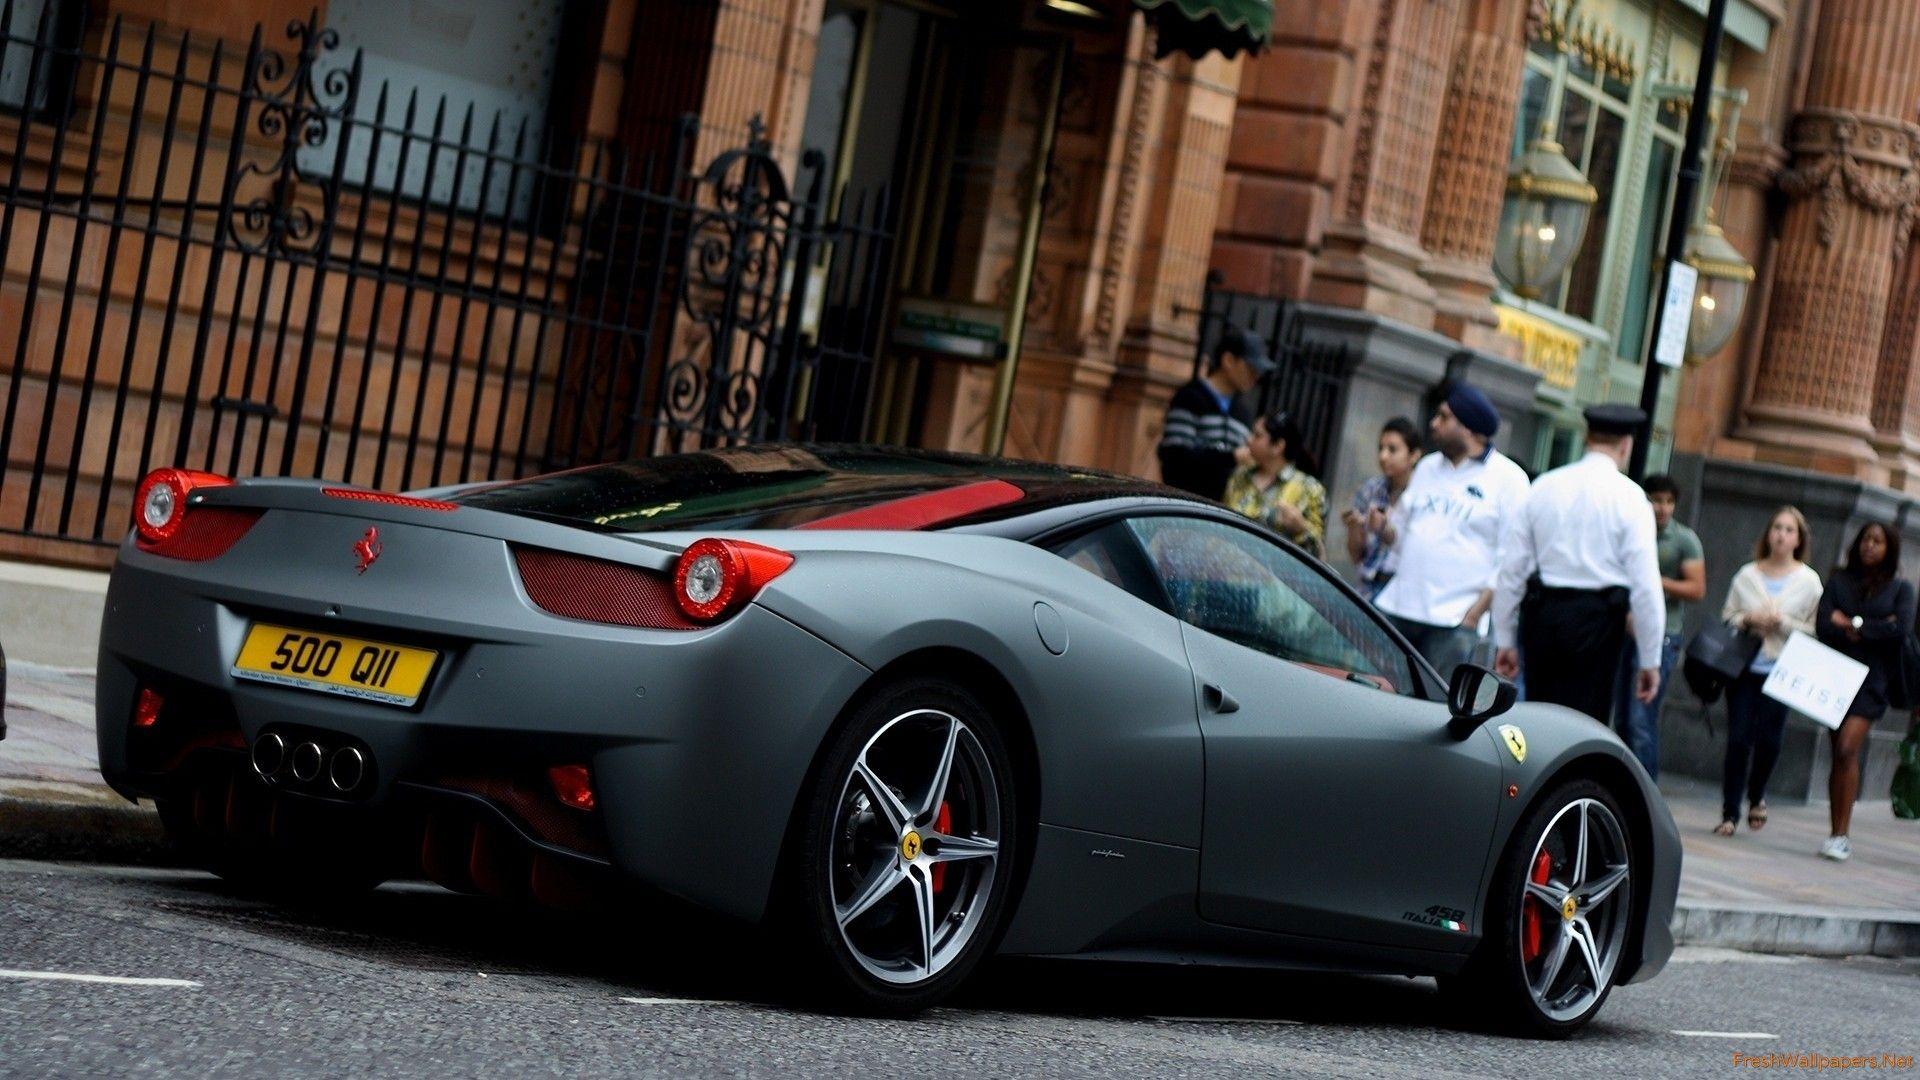 Ferrari 458 italia matte black 1920x1080 via classy bro car ferrari 458 italia matte black 1920x1080 via classy bro voltagebd Gallery